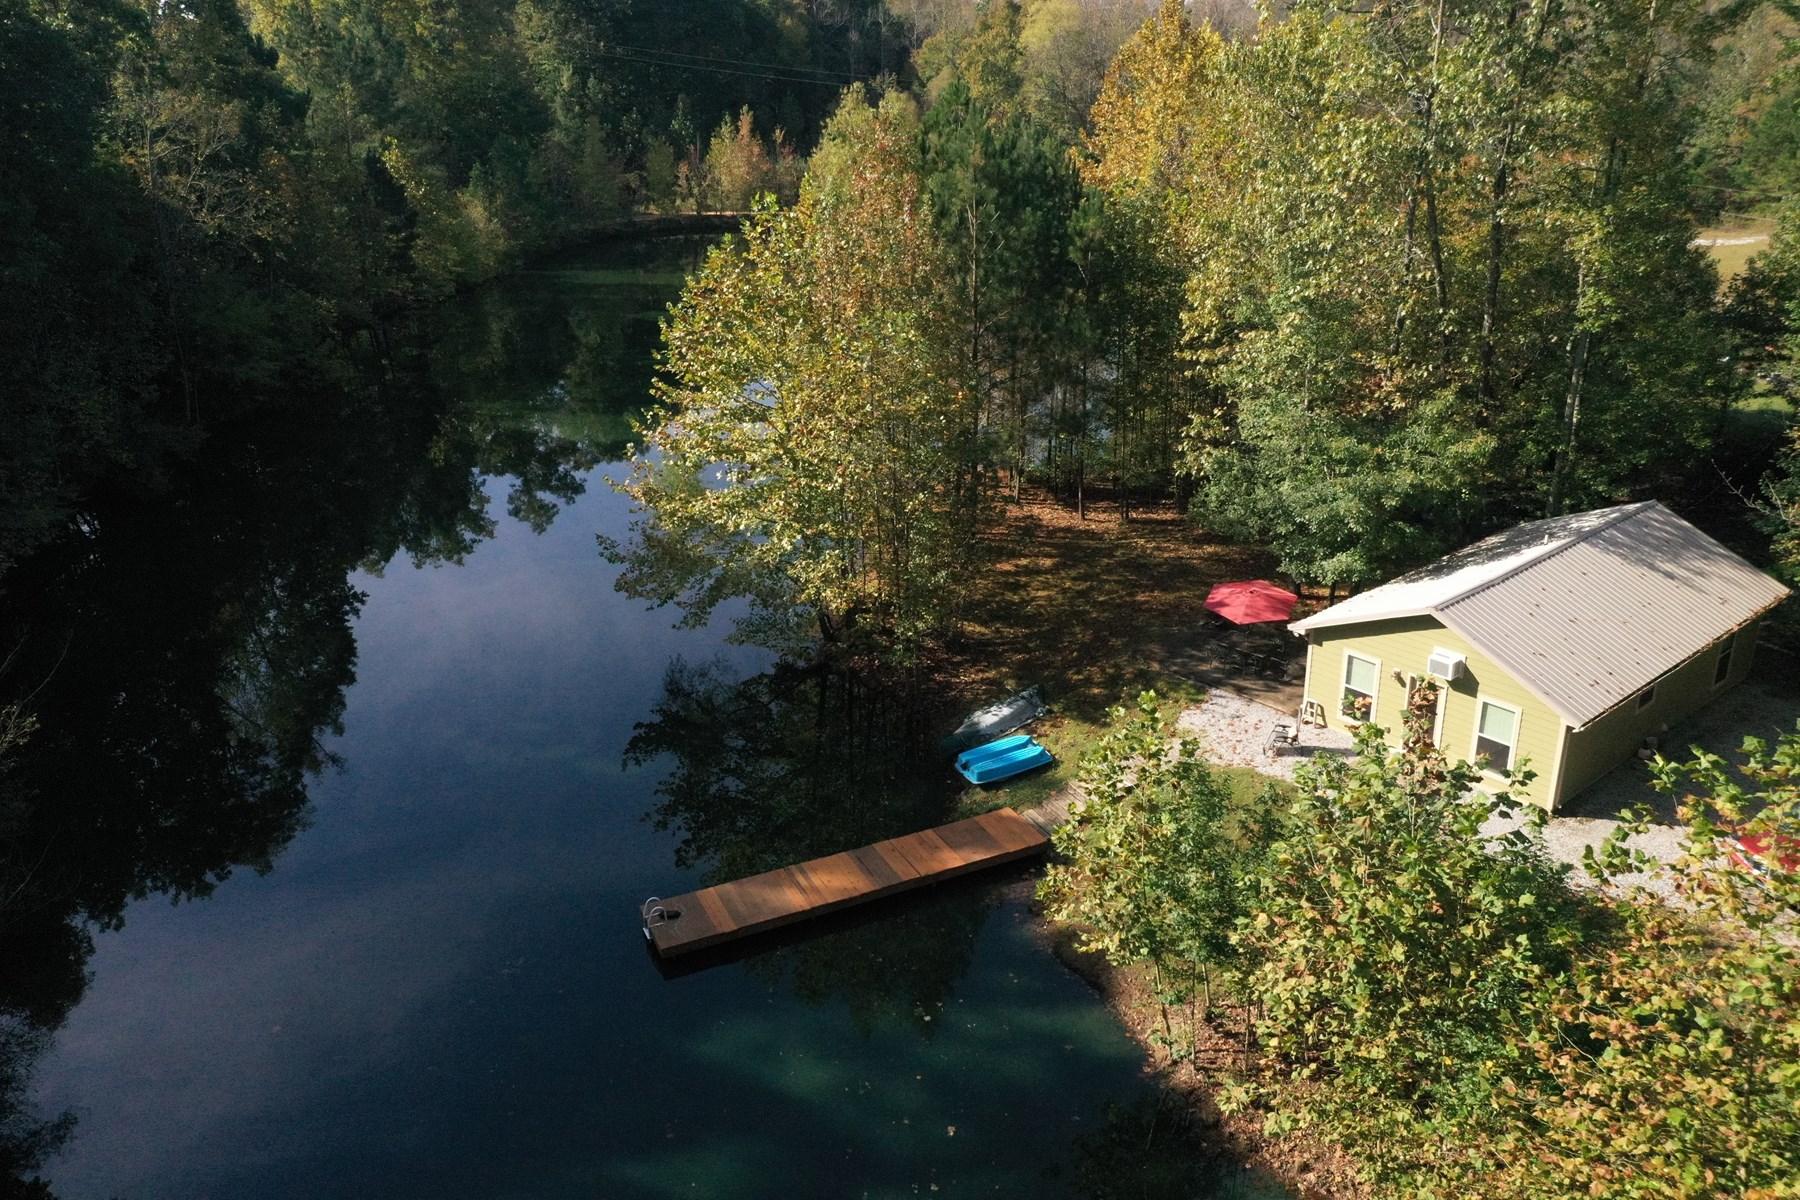 Private lakefront retreat for sale near Nashville Tn.